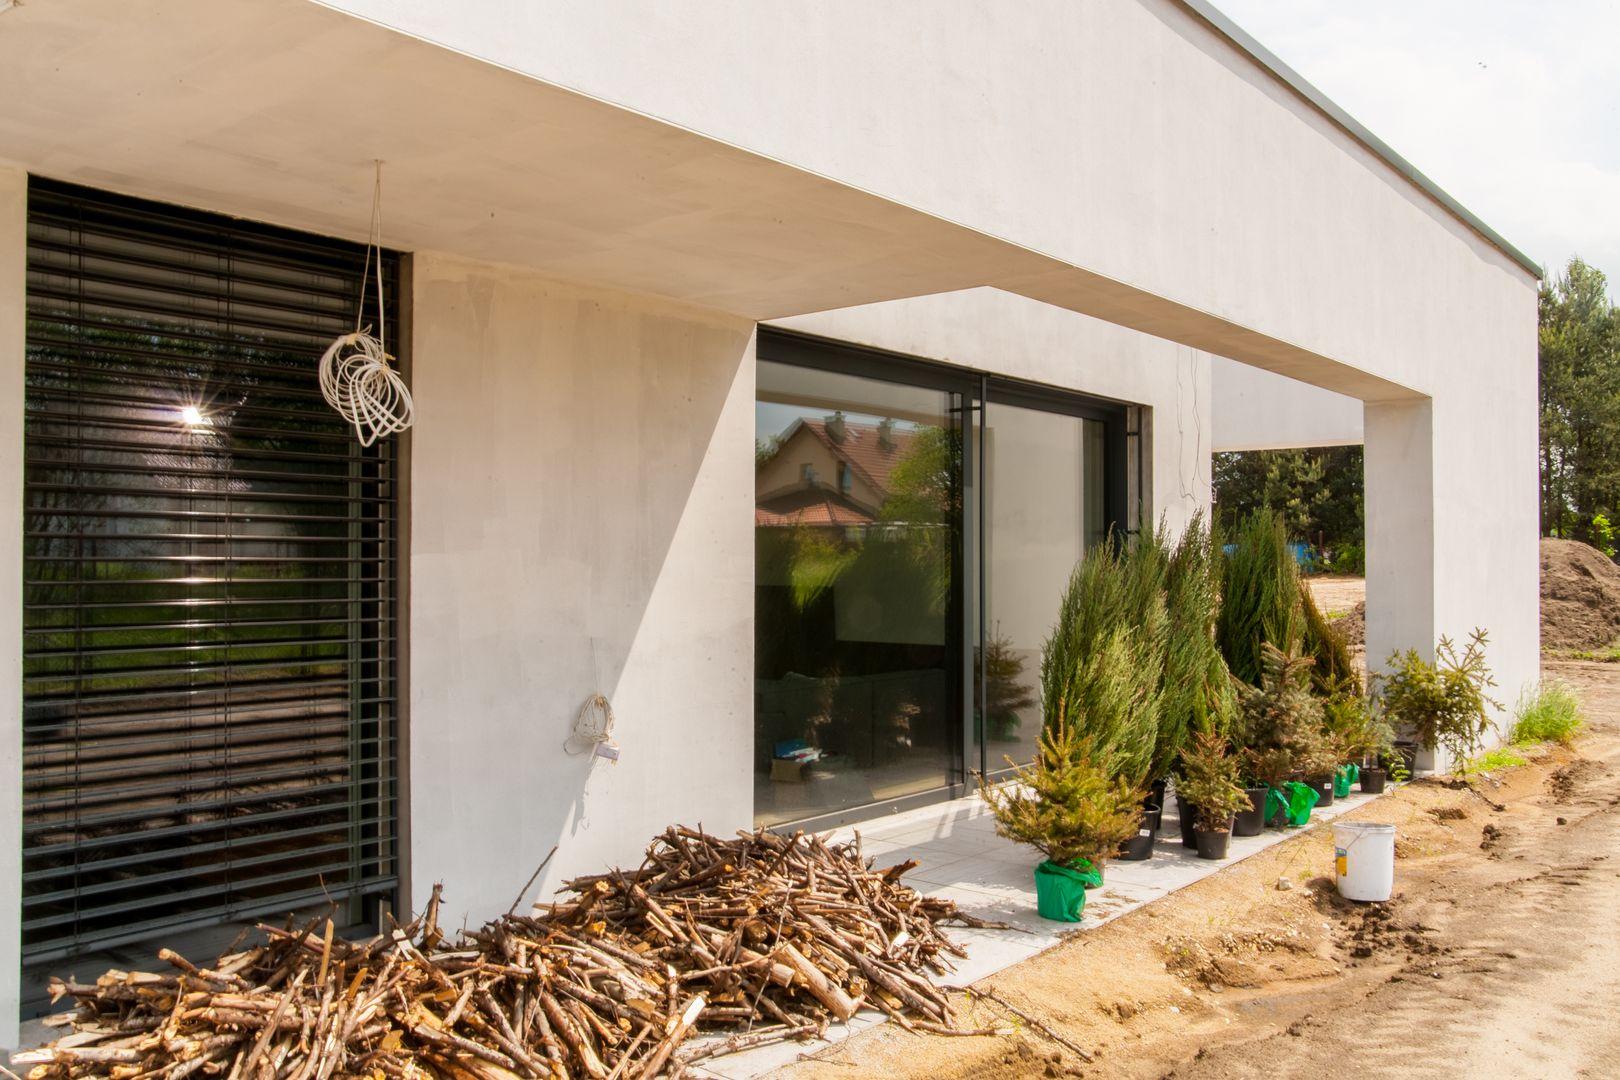 aluminiowe drzwi przesuwne tarasowe okna stałe producent oknowent śląsk katowice warszawa mazowiecki